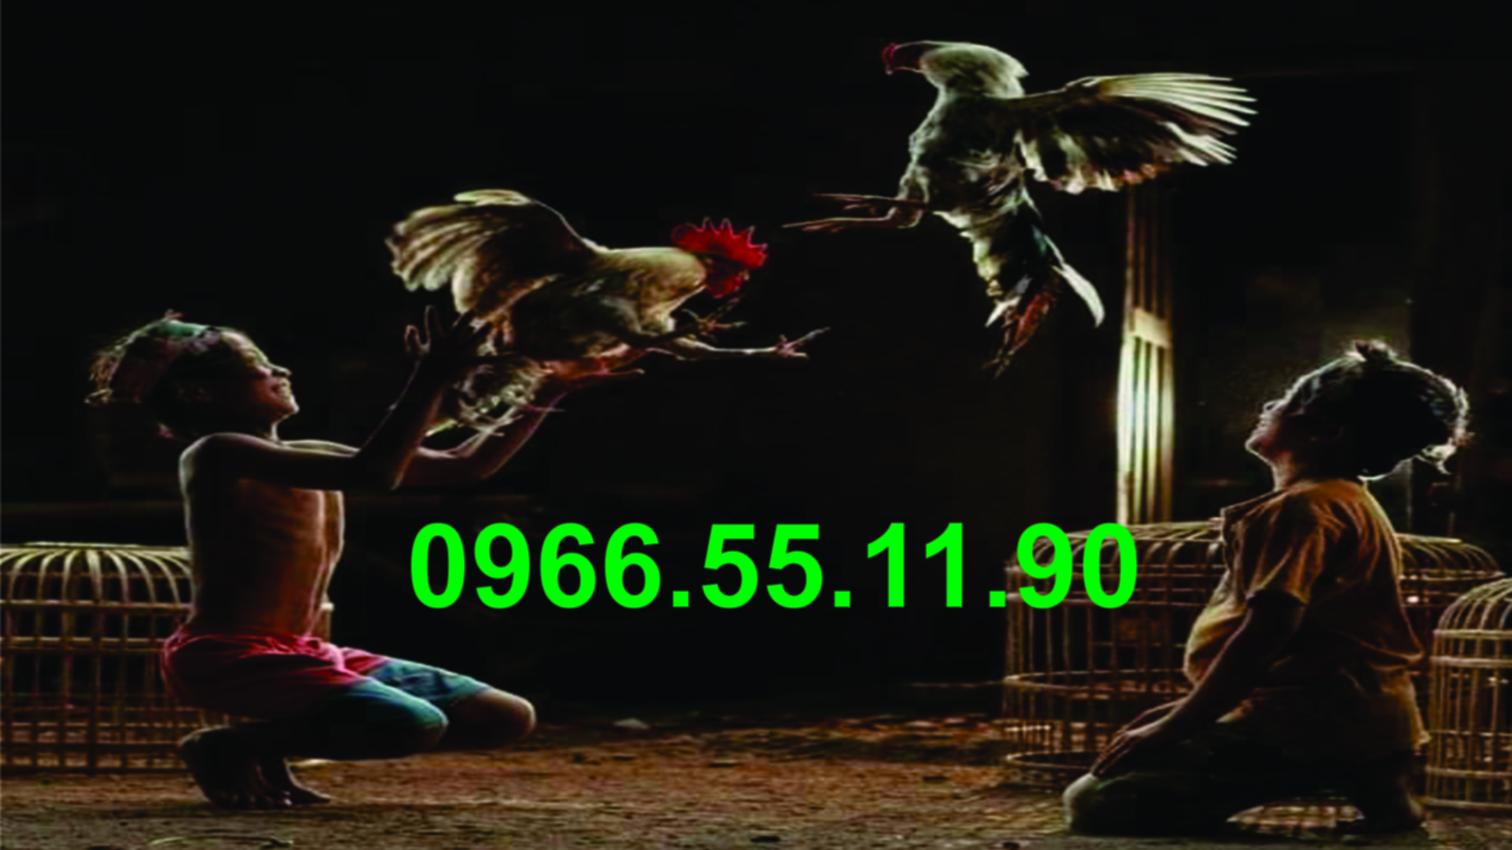 Cặp Gà Lông Khét C1 - Xanh Asil LH  : 0966.55.11.90